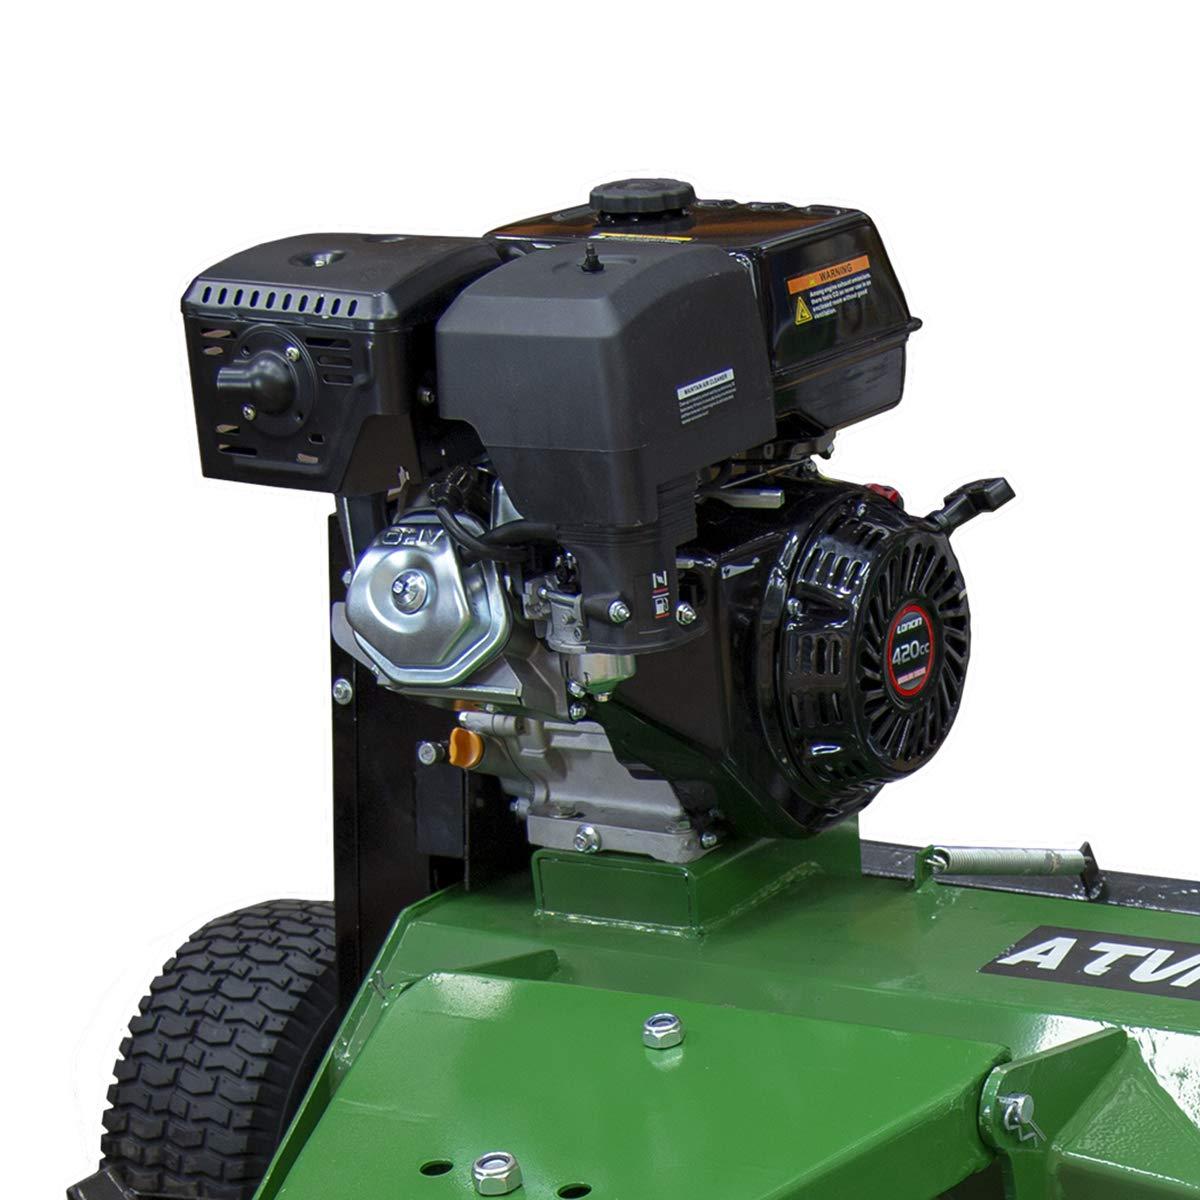 Charles Bentley Loncin a Gasolina Atv Pequeños Tractores & 4 X 4S Segadora Acero - 1,2 M 15Hp